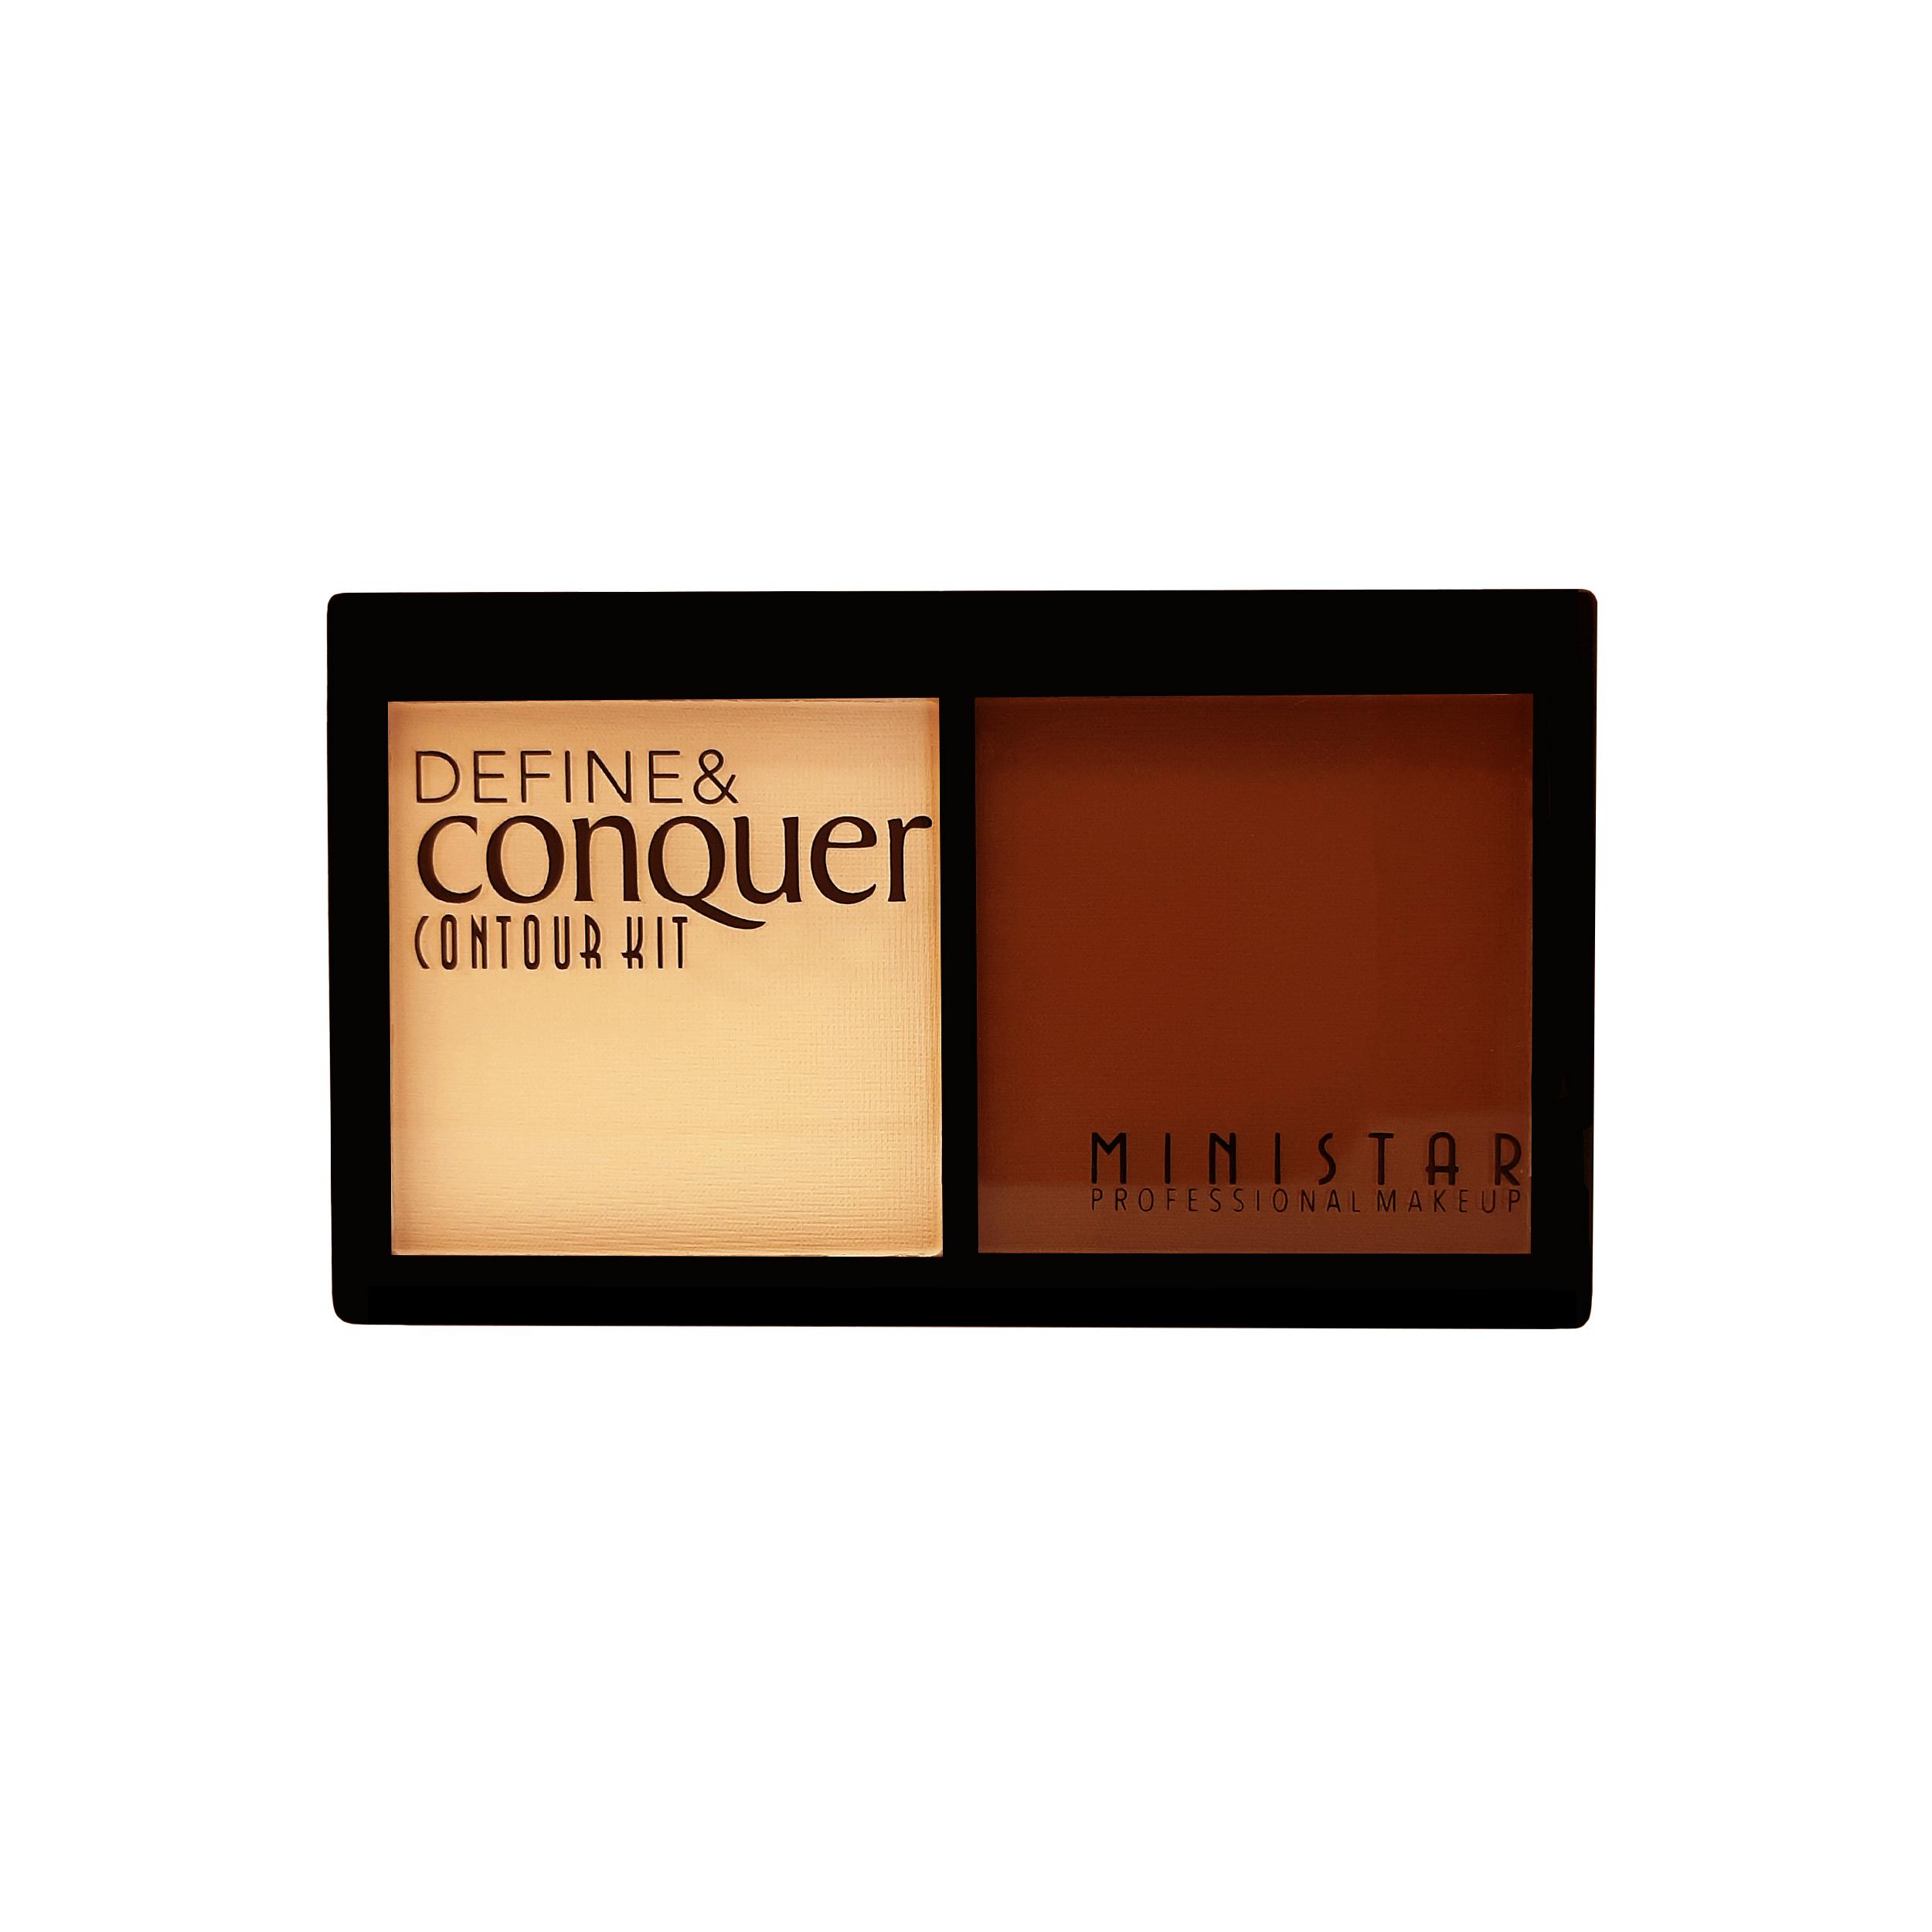 قیمت پالت کانتورینگ مینی استار مدل Define & Conquer شماره 102